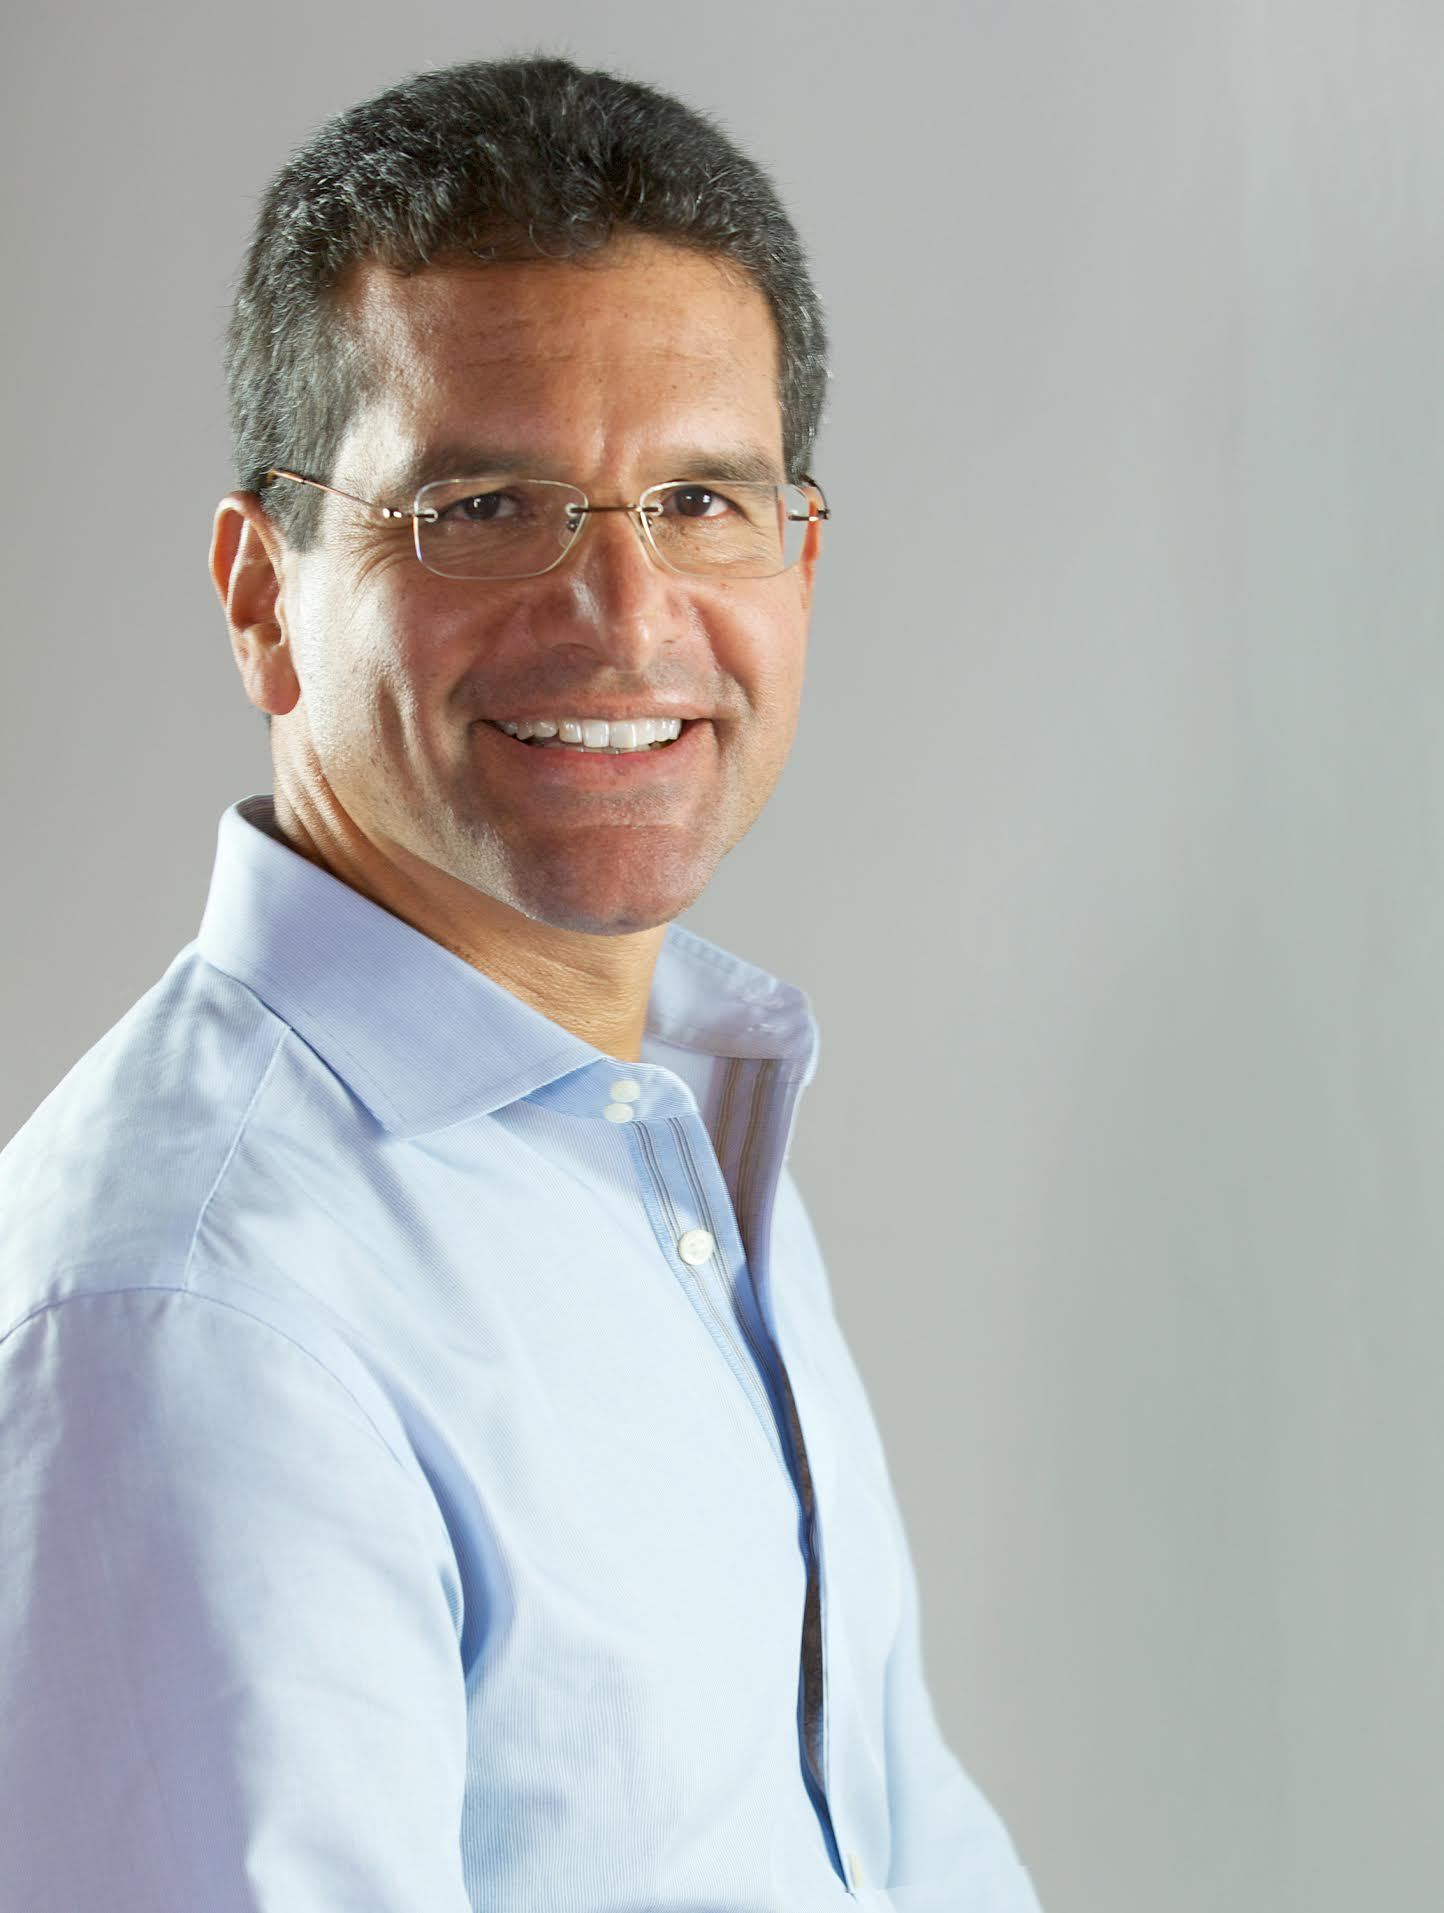 Pedro R. Pierluisi Urrutia